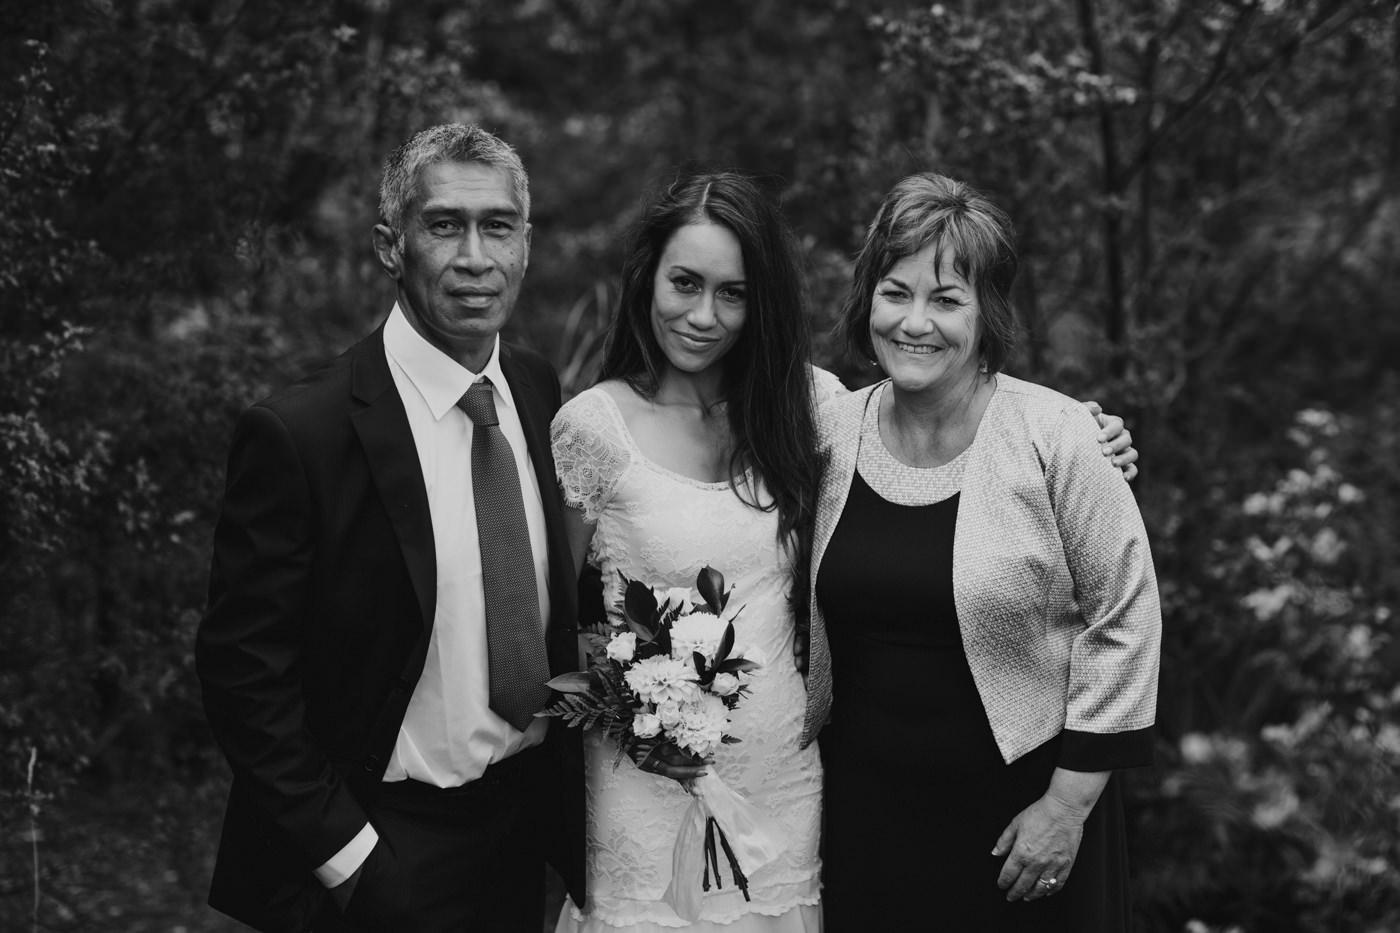 013z_auckland_leigh_wedding_photos.jpg